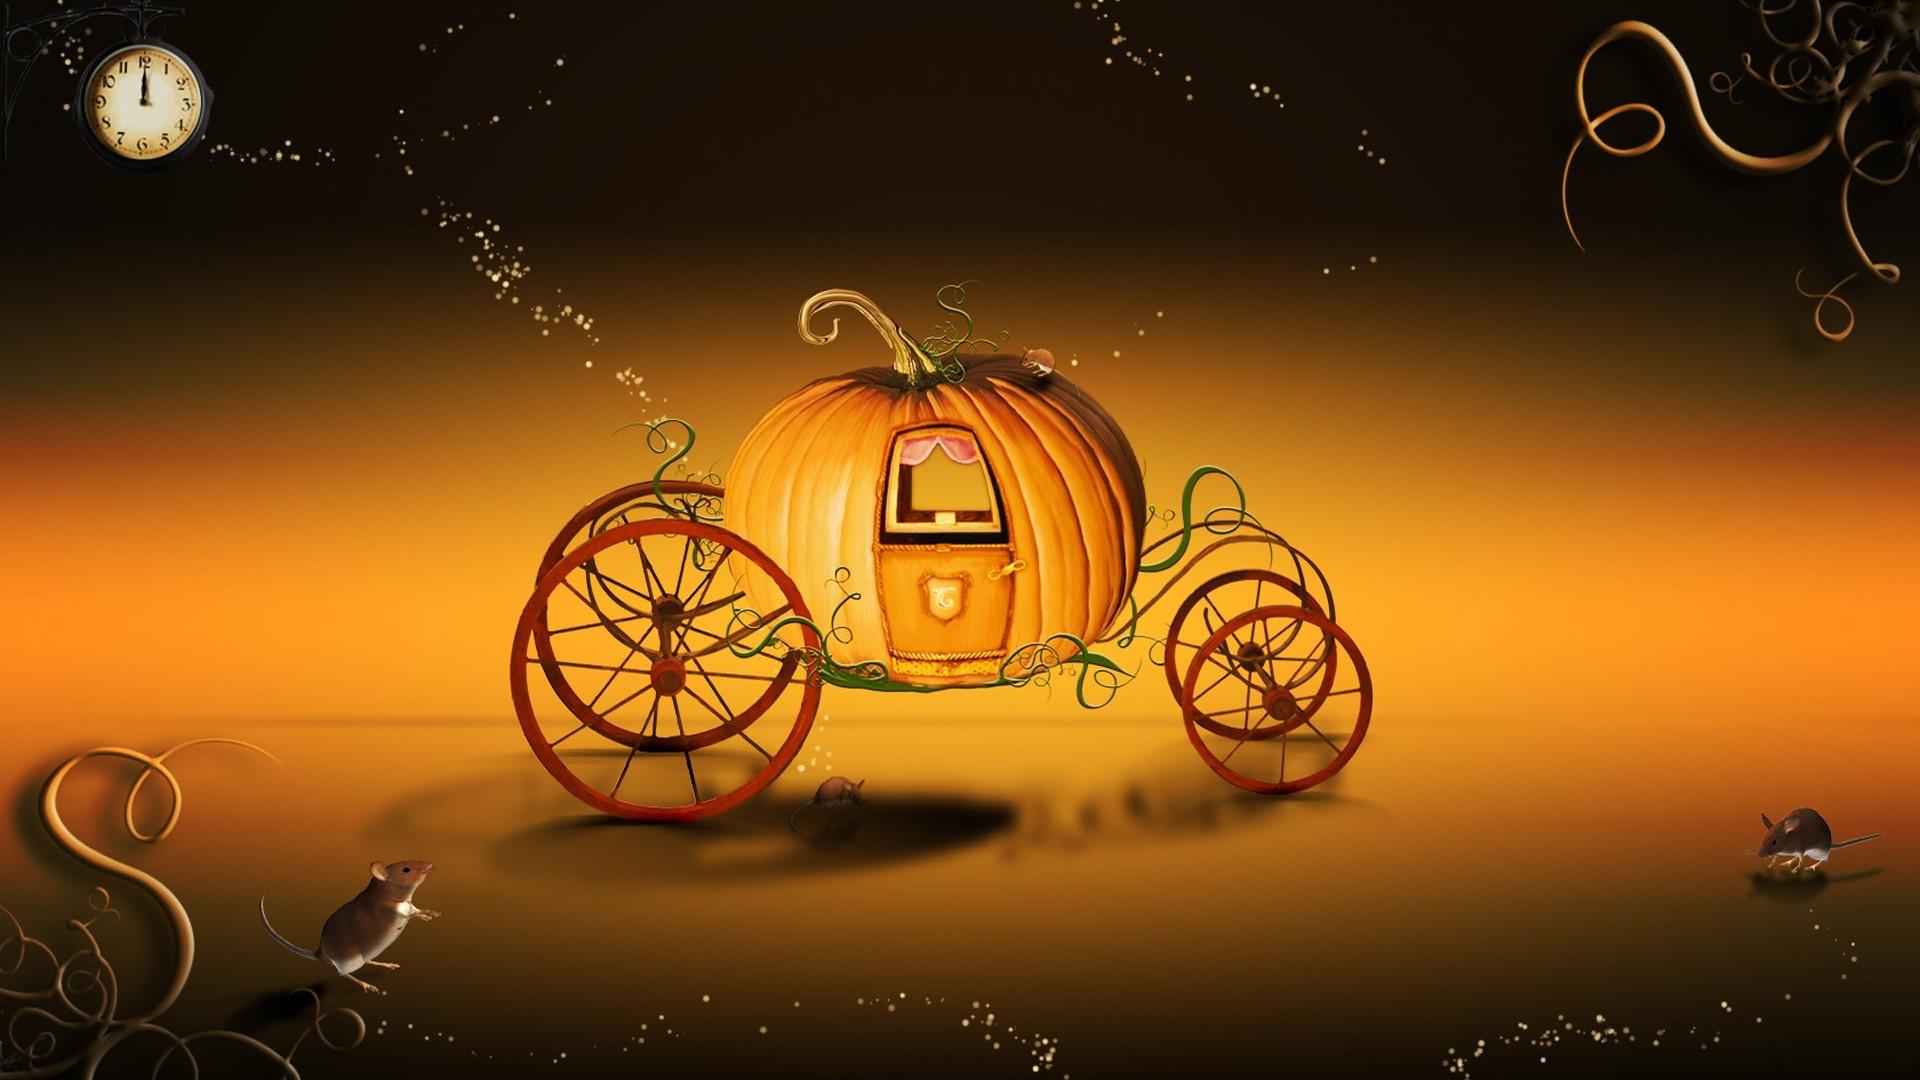 HD Scary Halloween Wallpapers Free | PixelsTalk.Net. HD Scary Halloween  Wallpapers Free PixelsTalk Net